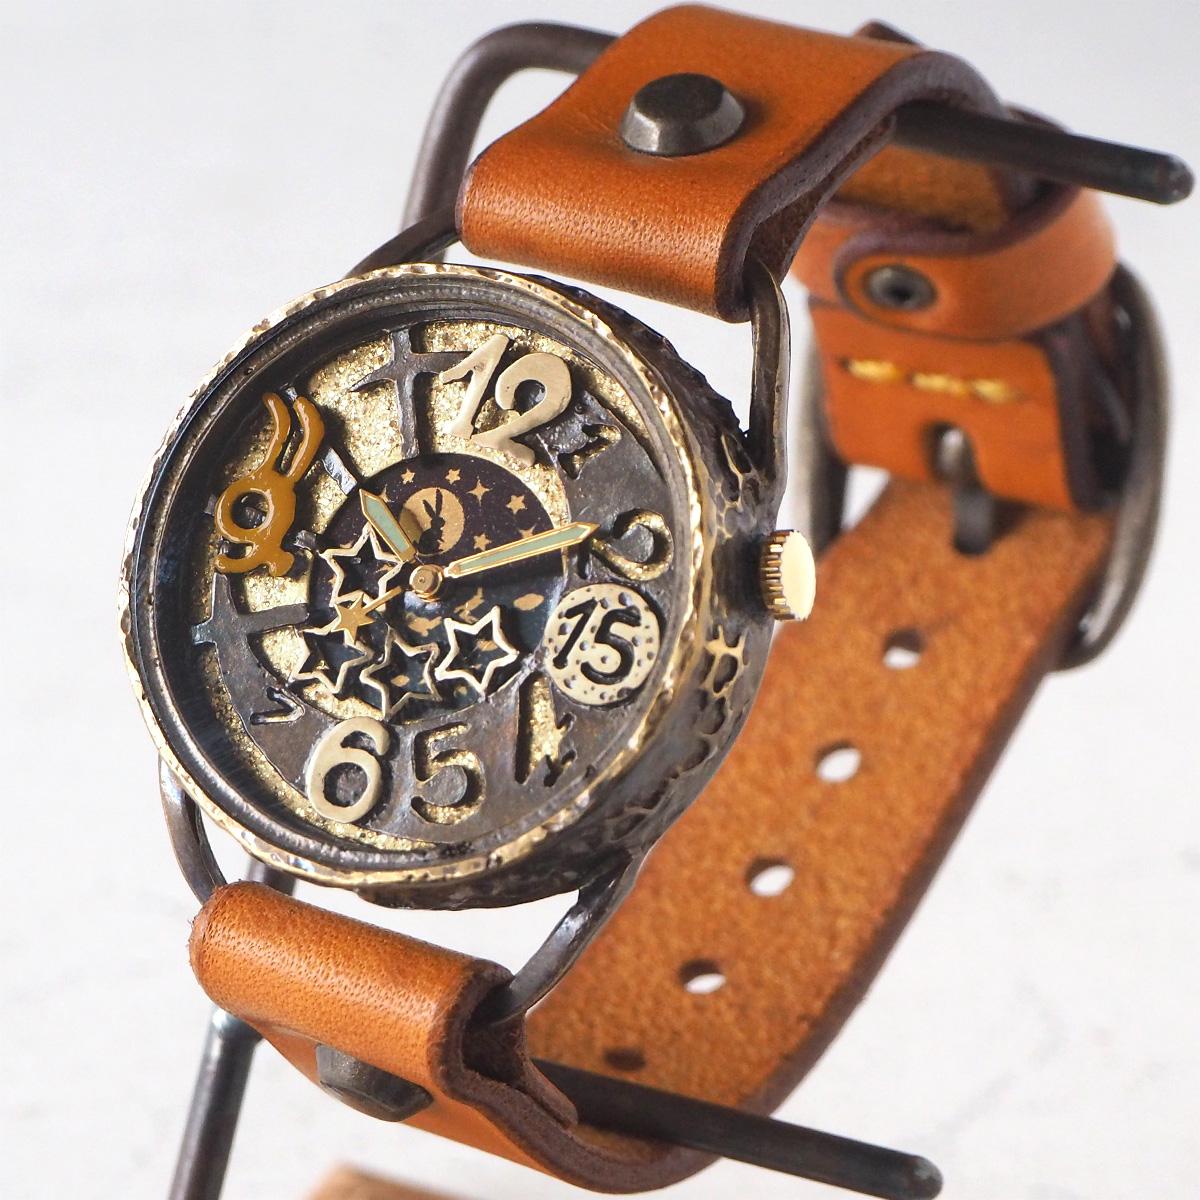 KINO(キノ) 手作り腕時計 うさぴょん [USAPYON]